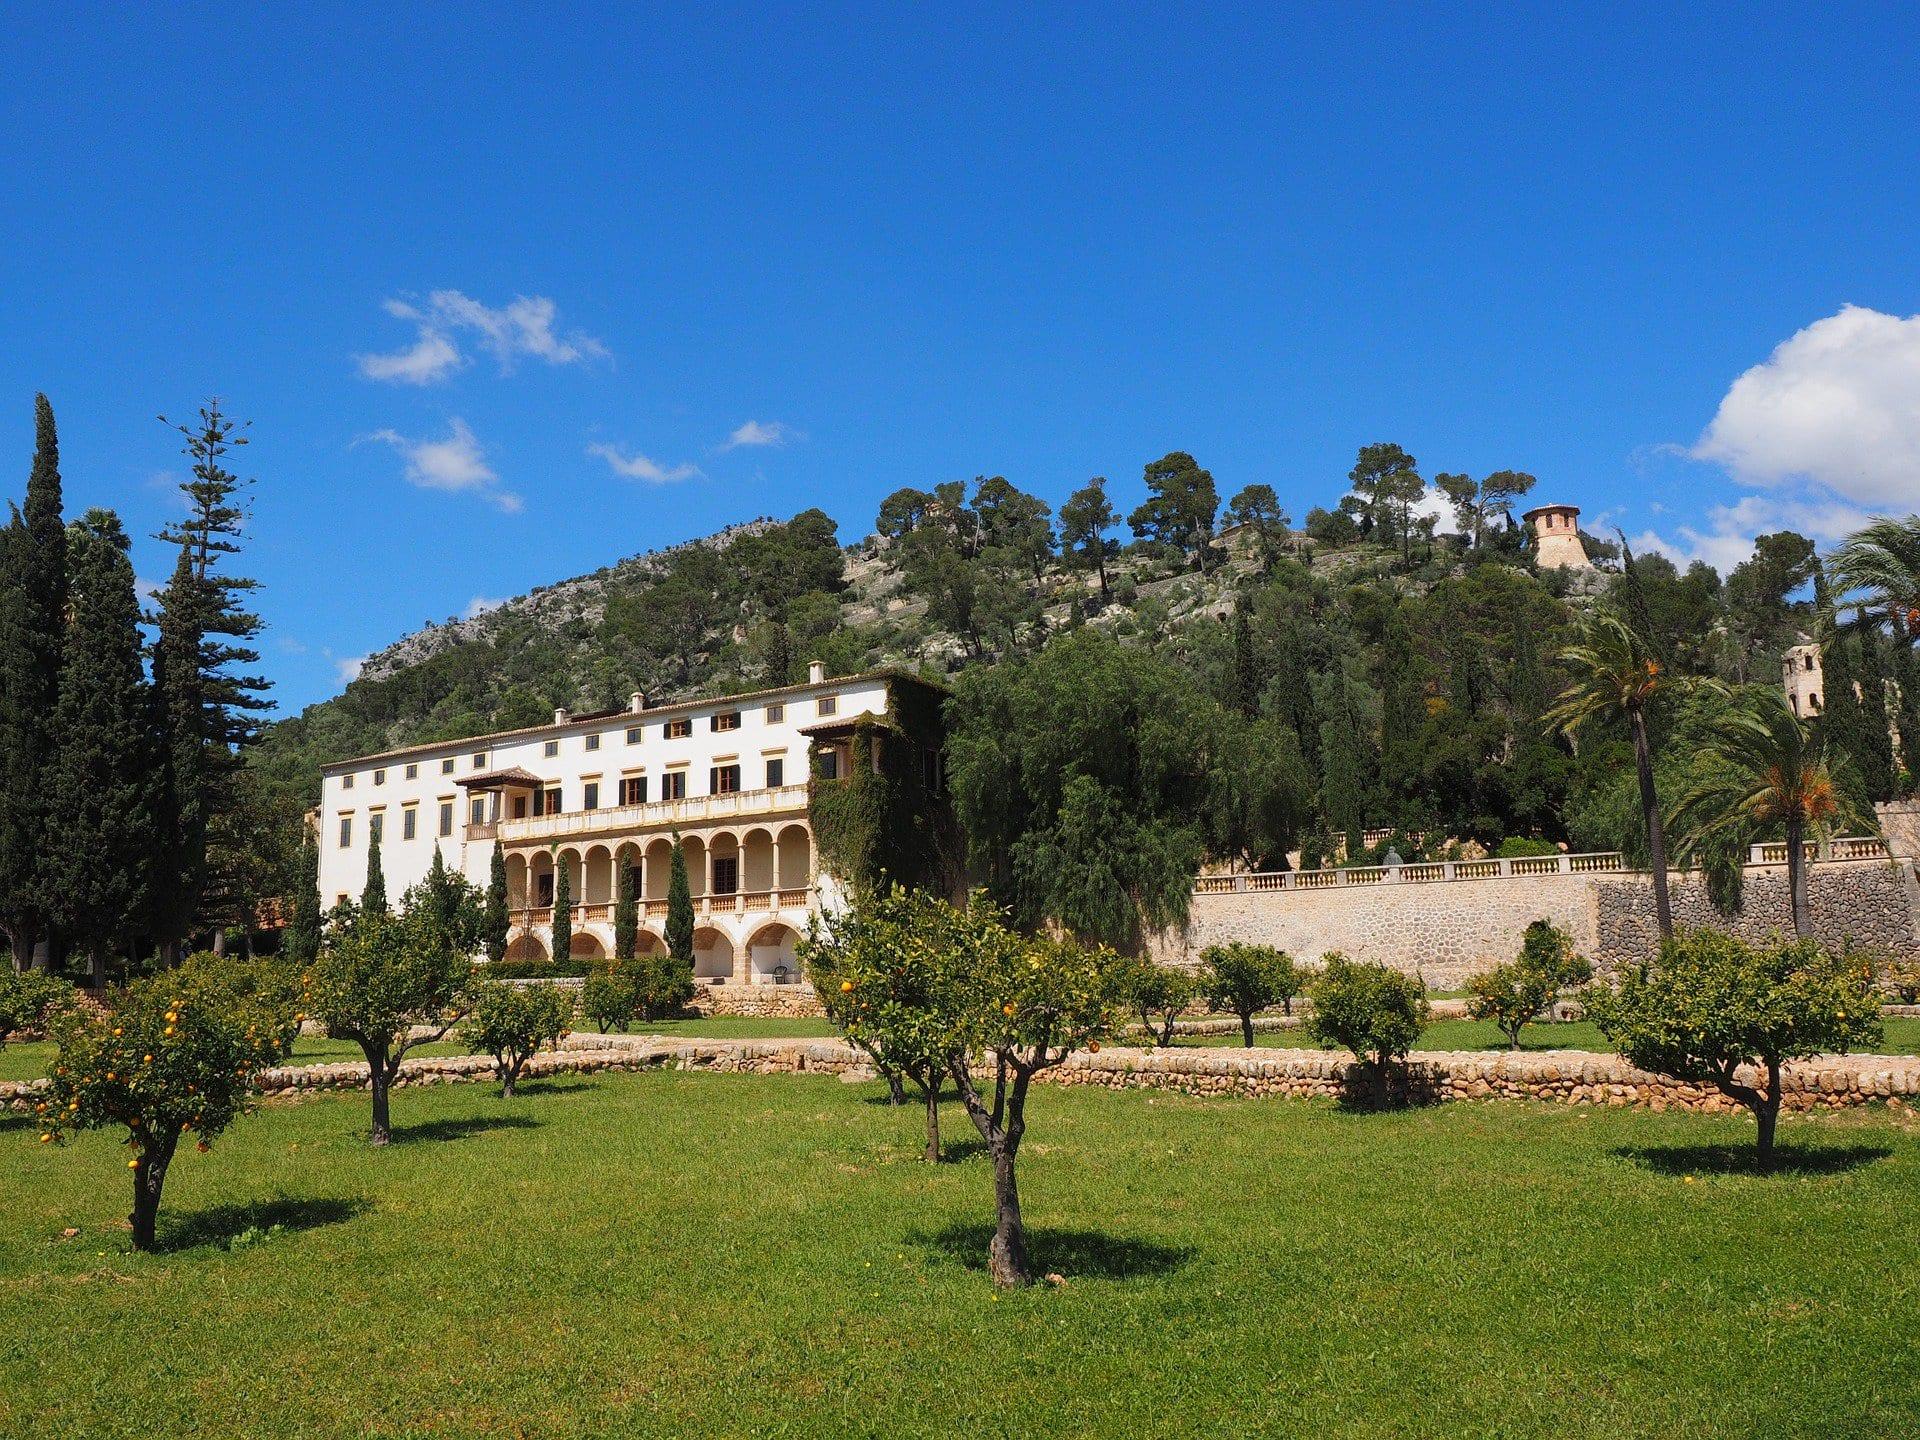 La Raixa, one of the most charming possessions in Mallorca